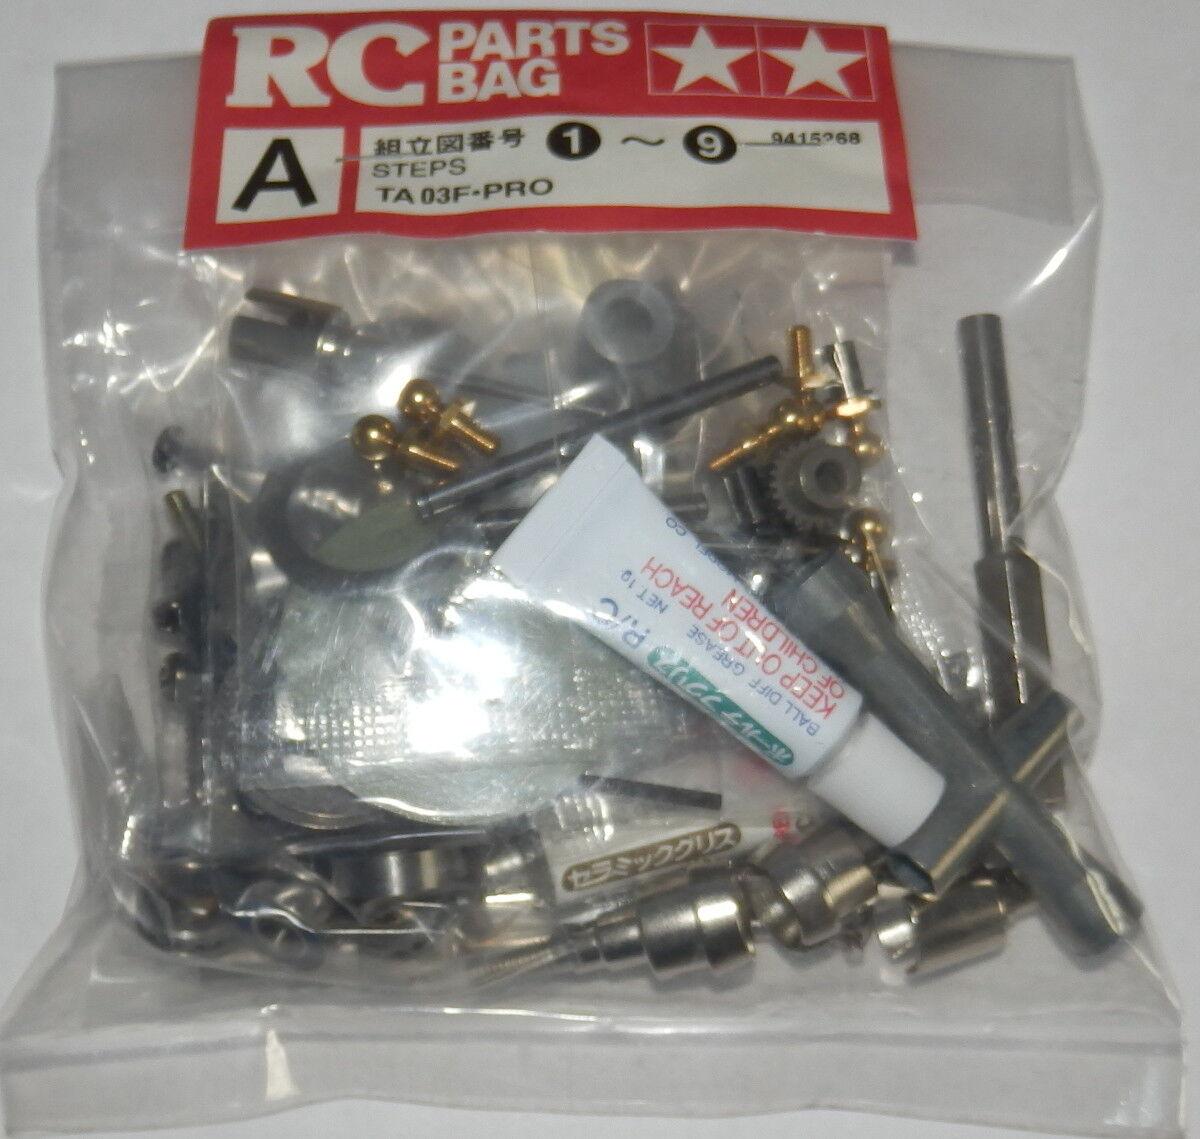 Tamiya TA03F-Pro Metal Parts Bag A NEW 9415268 58177